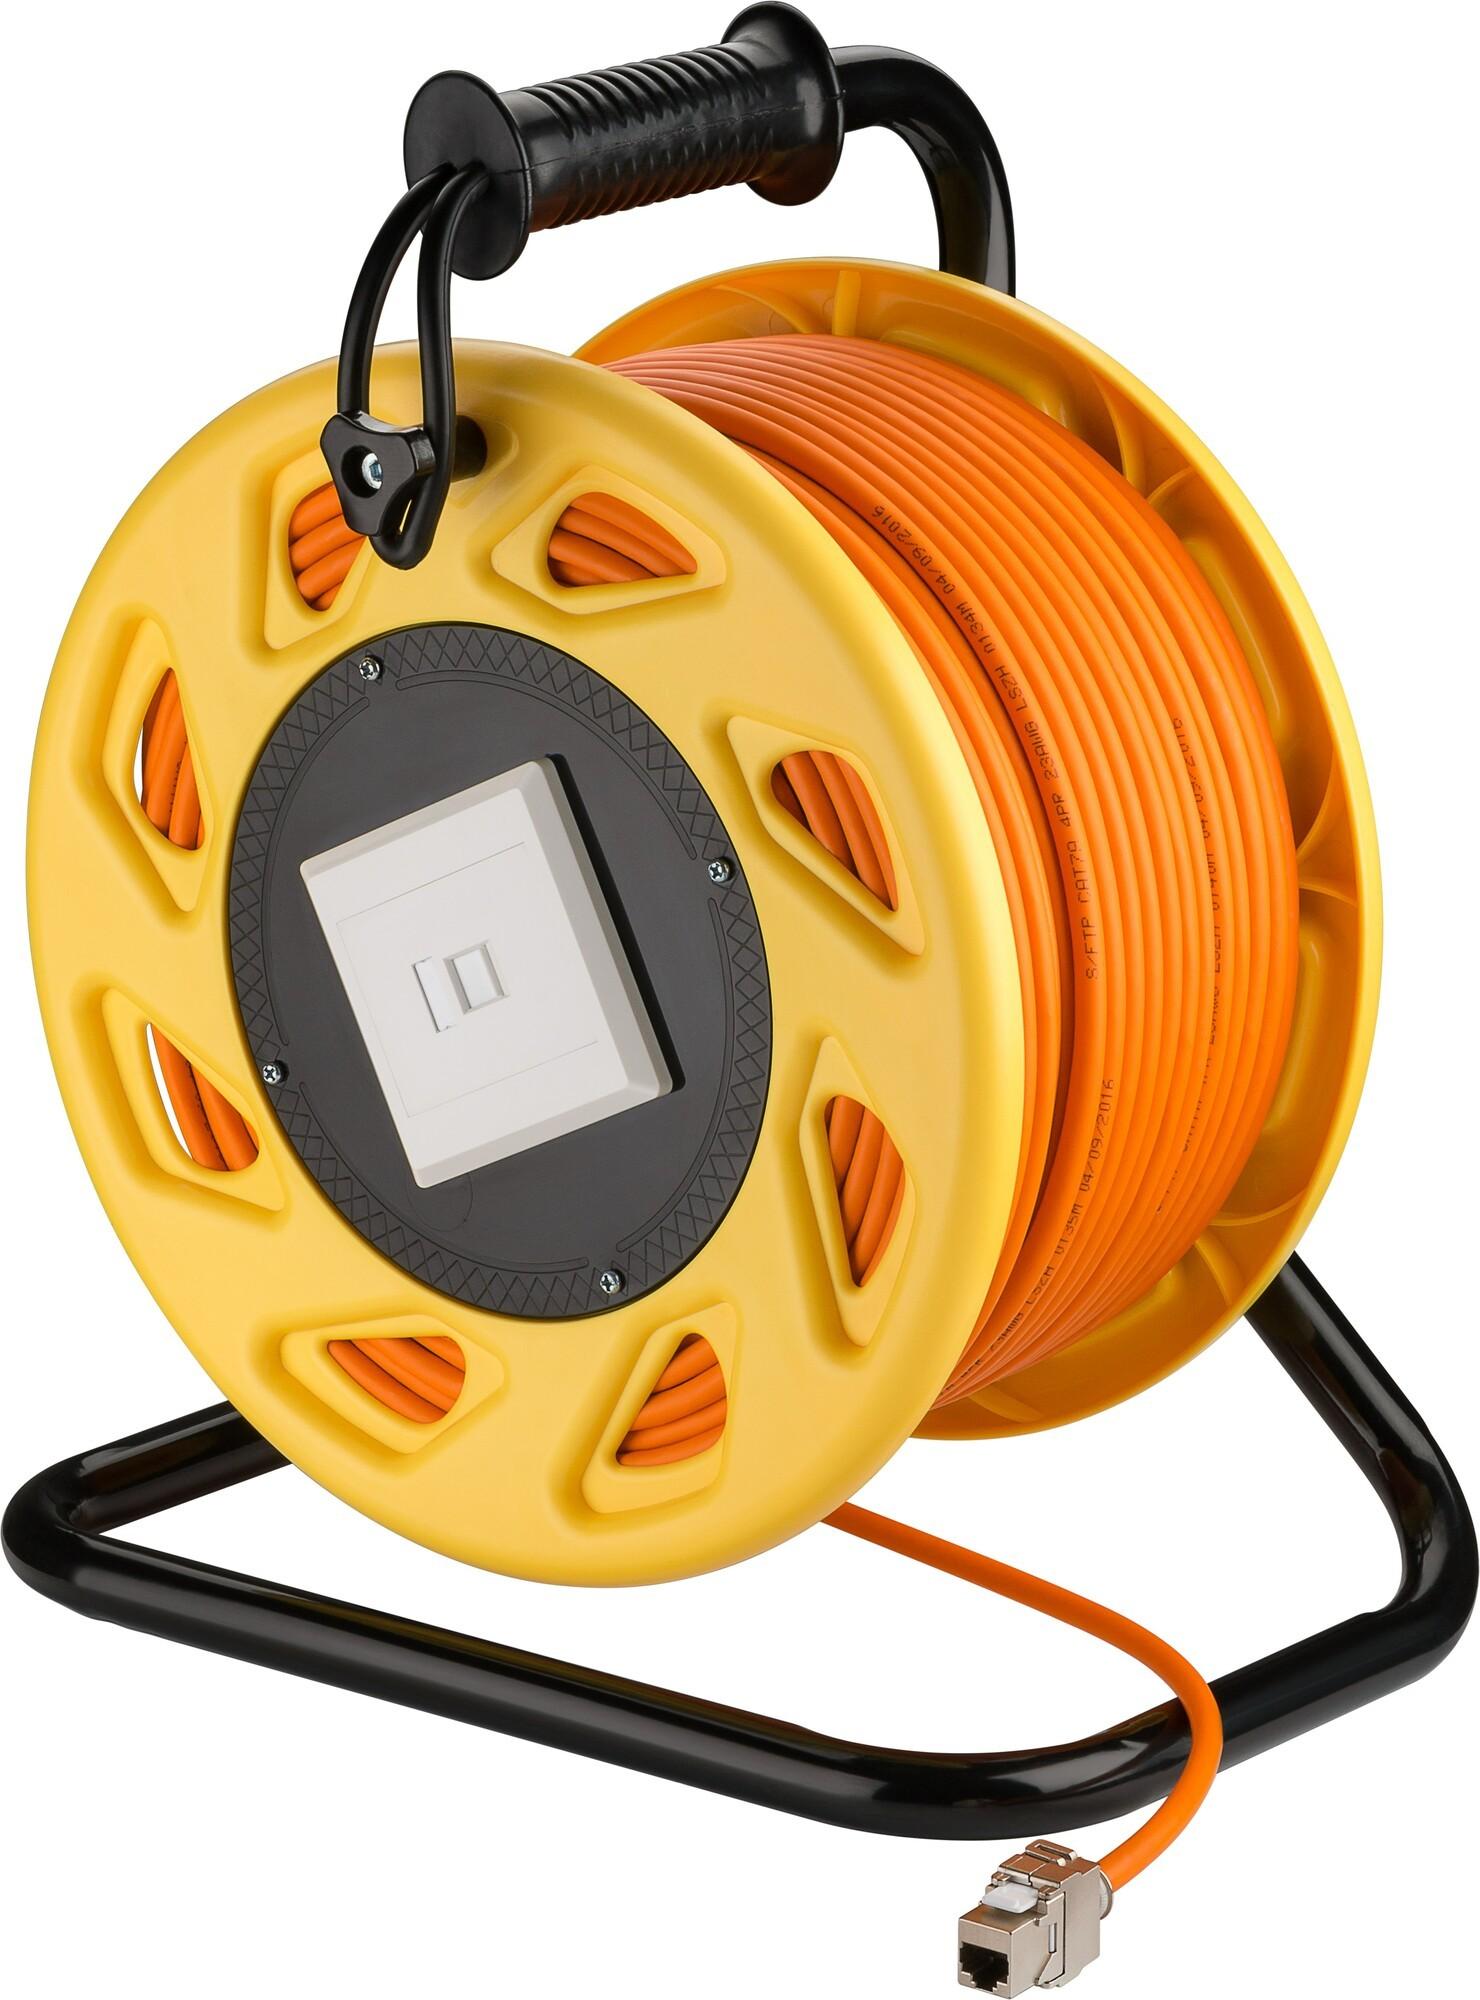 Afbeelding van CAT7 S/FTP Kabelhaspel met CAT6a Keystone Connector - RJ45 - 50 Meter